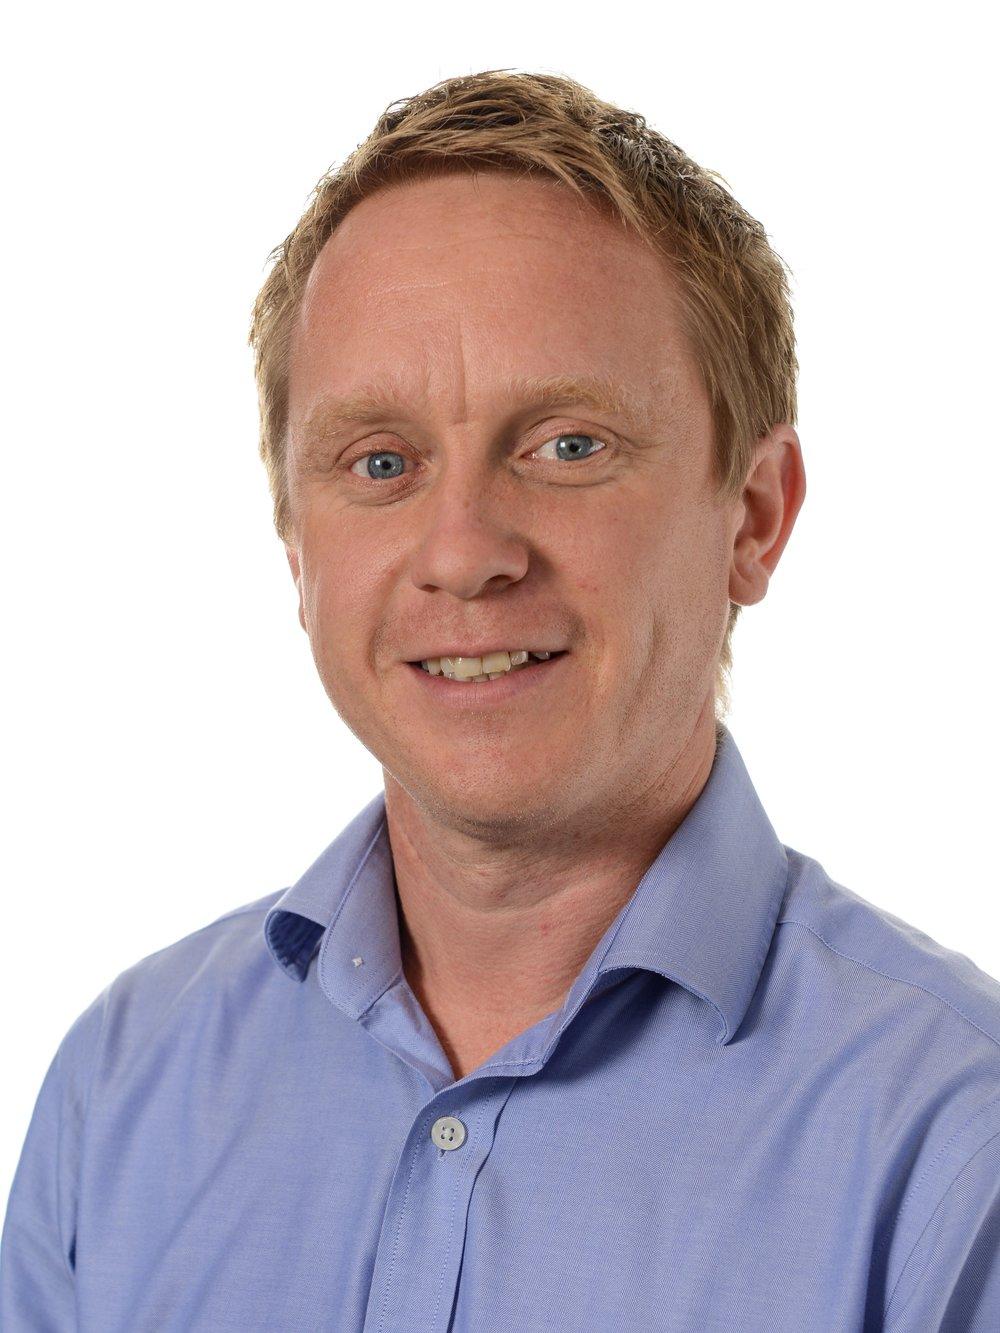 Ed Tischler